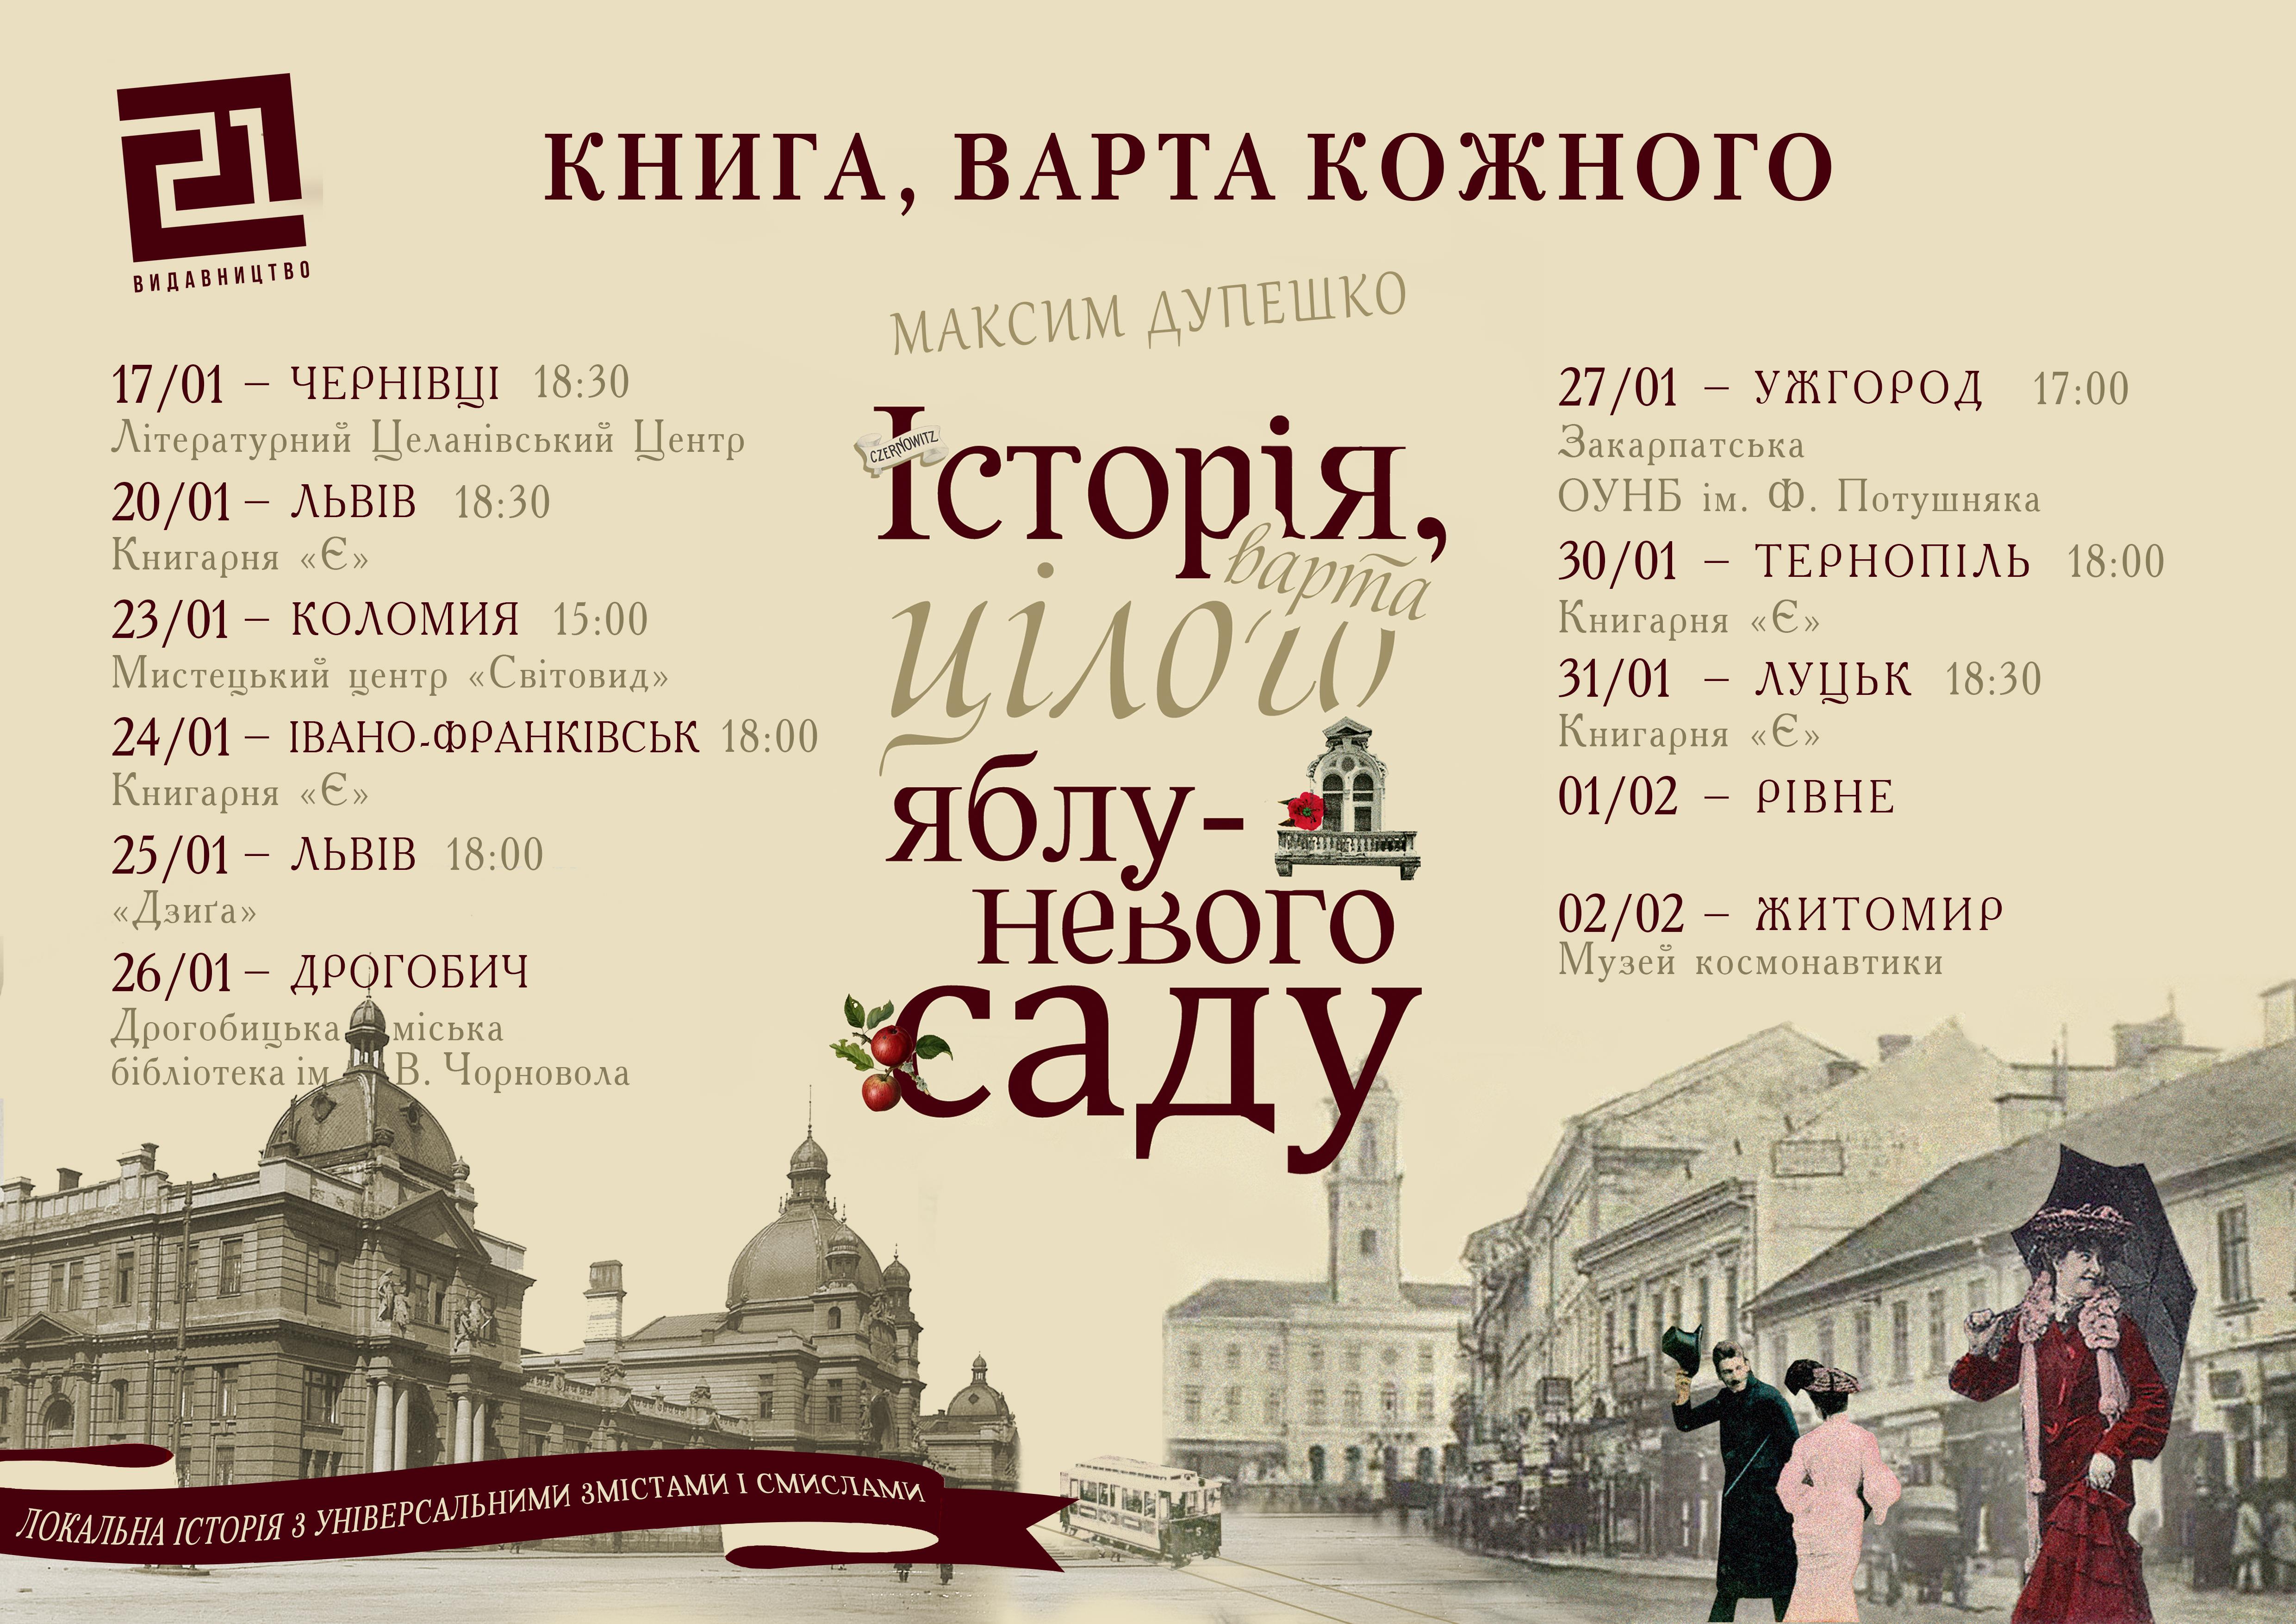 афіша саду_1